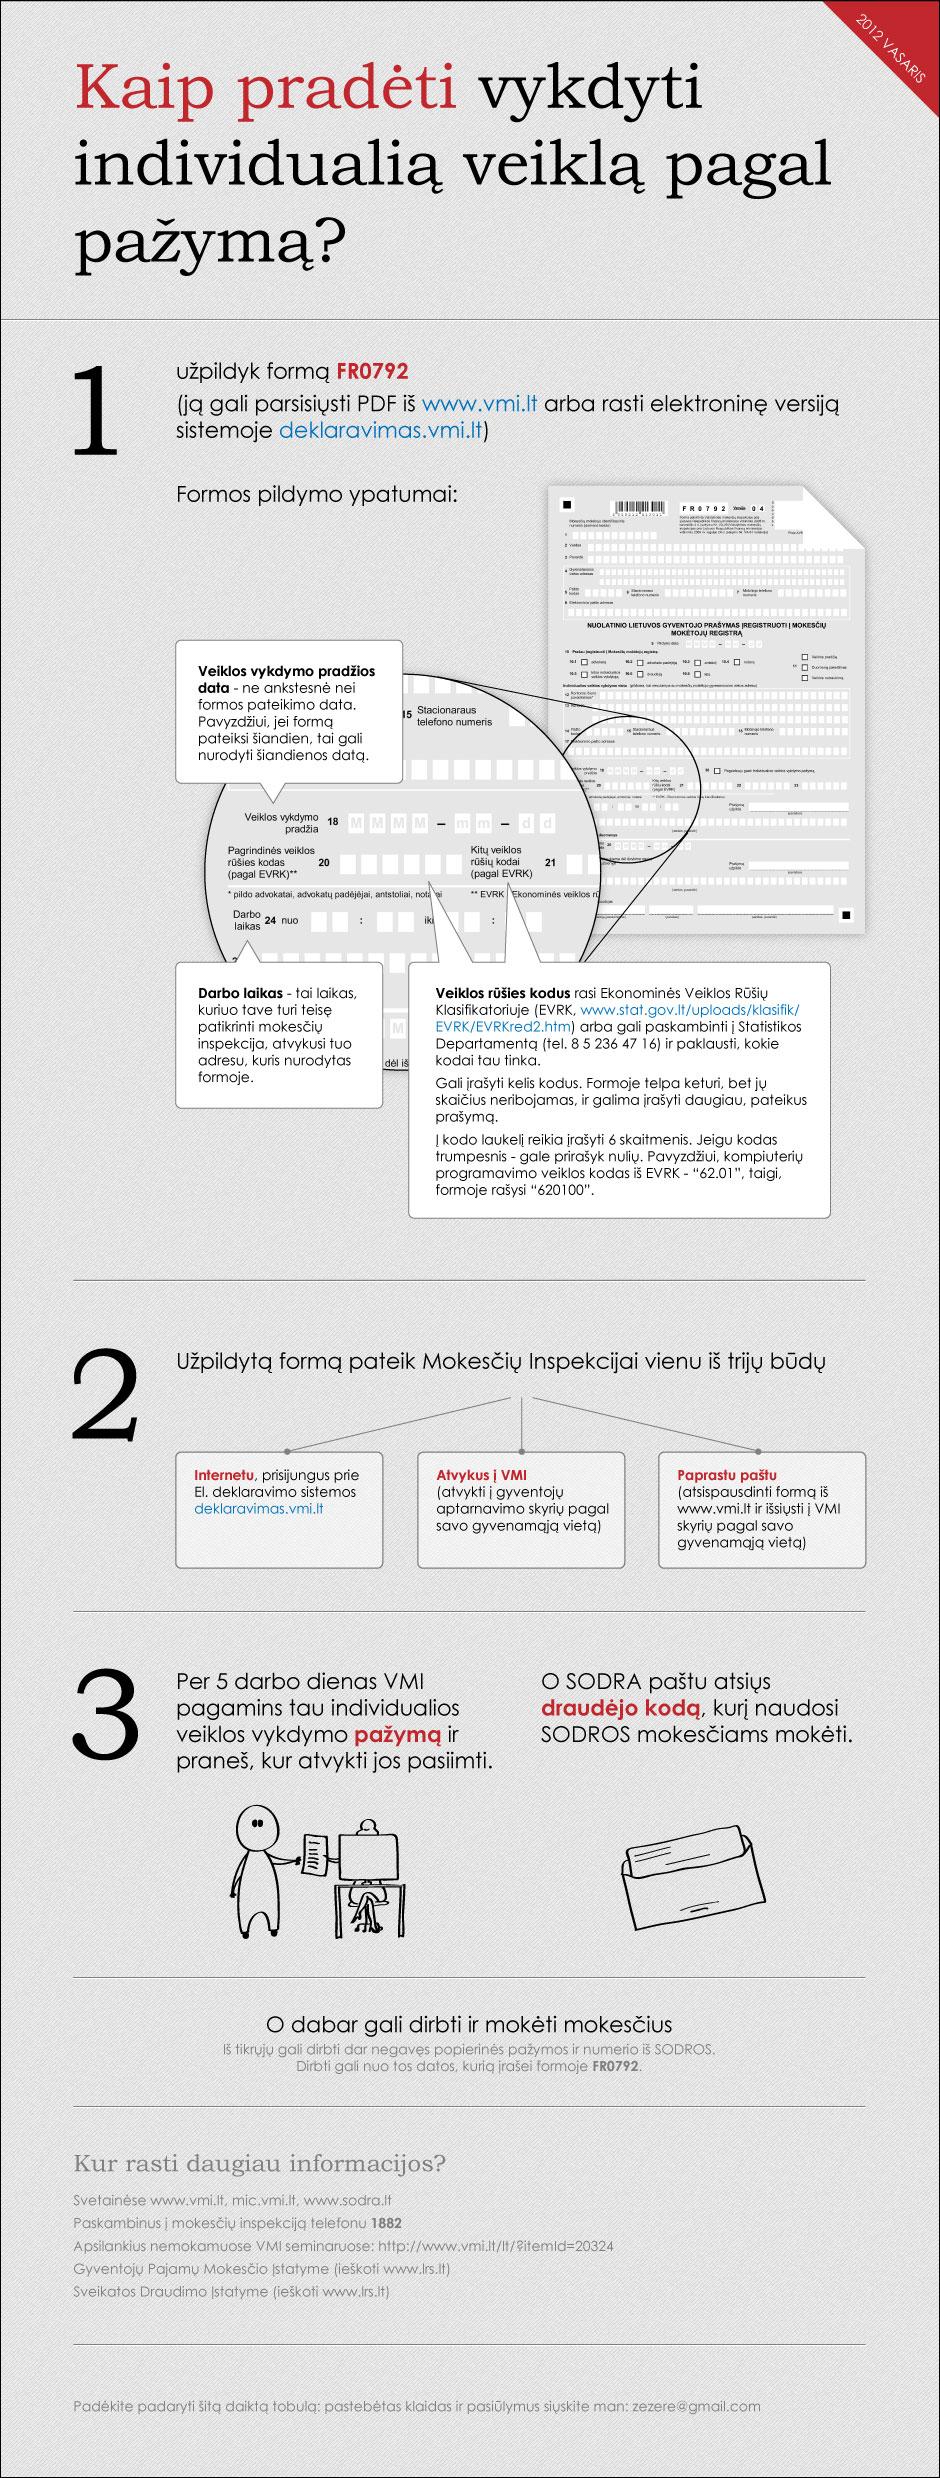 IVV-pagal-pazyma-kaip-pradeti-2012-02